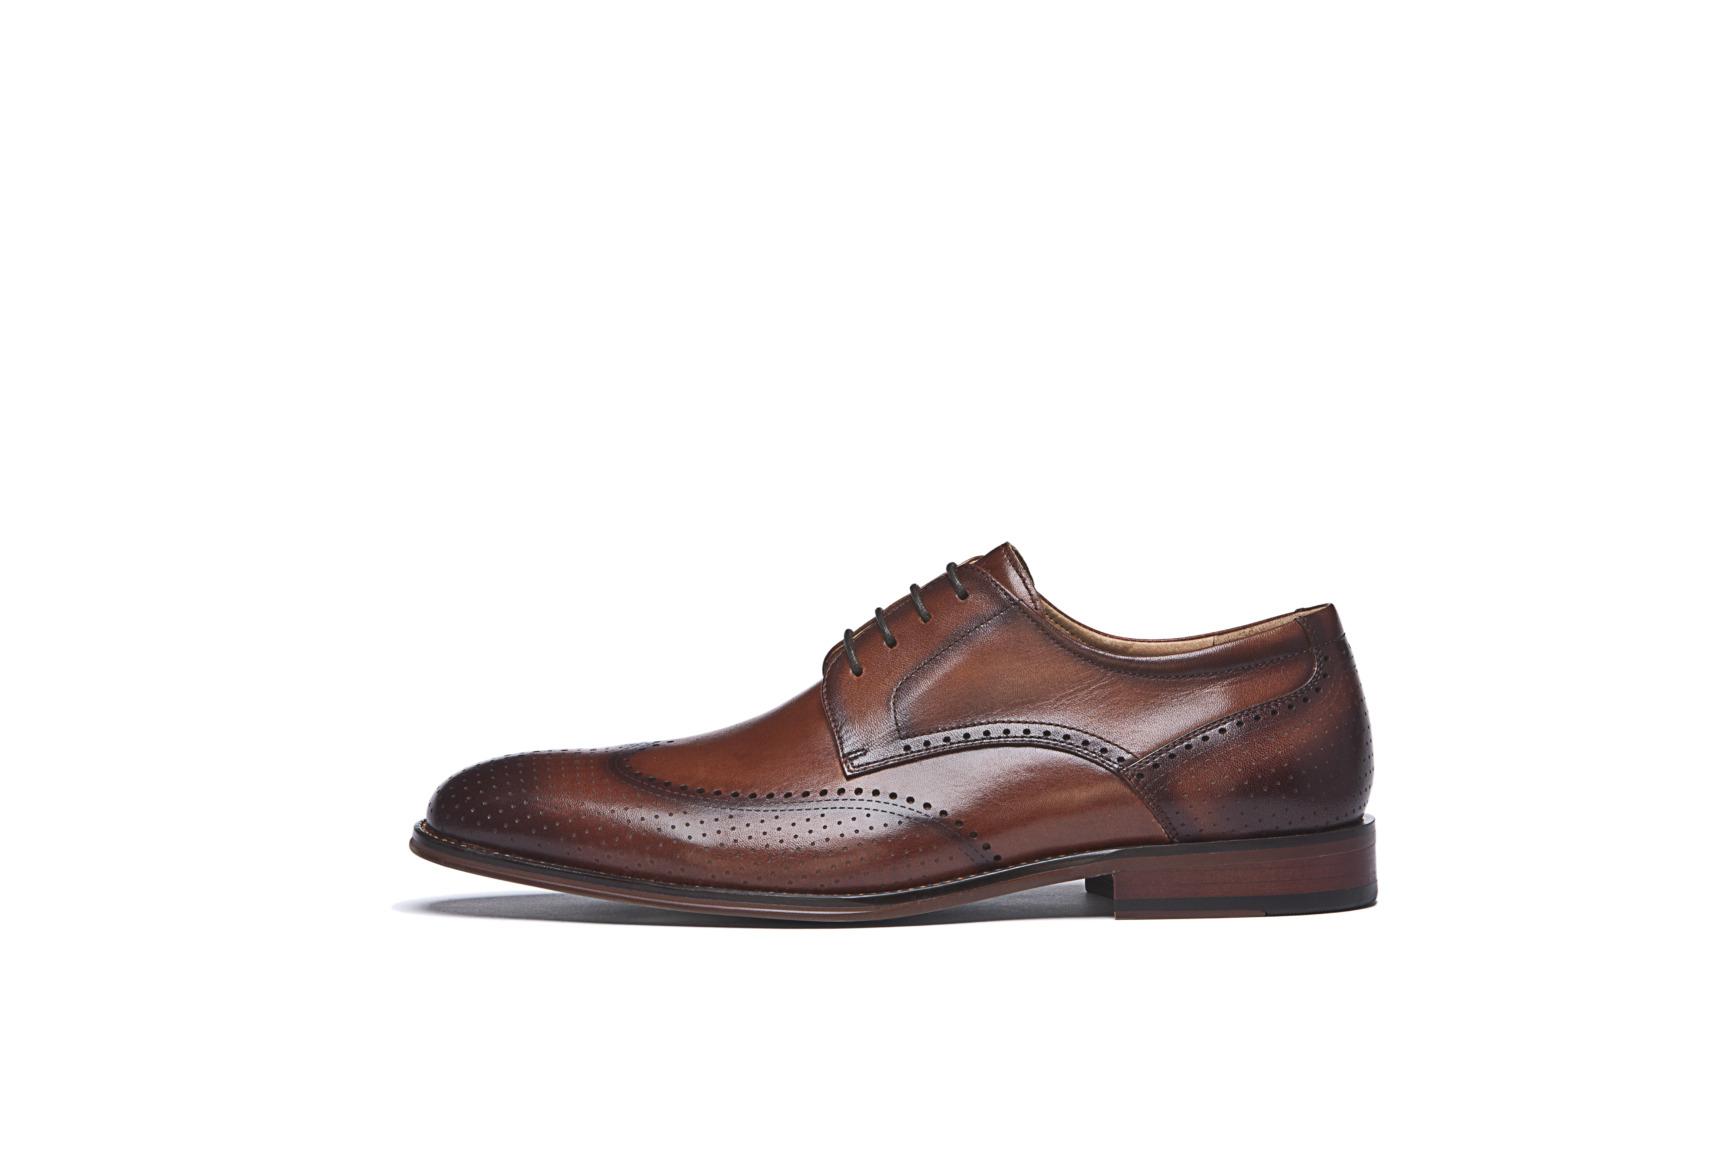 Modische Schuhe für den Bräutigam von Digel Modell SELLENG in congnac braun mit Ziernähten